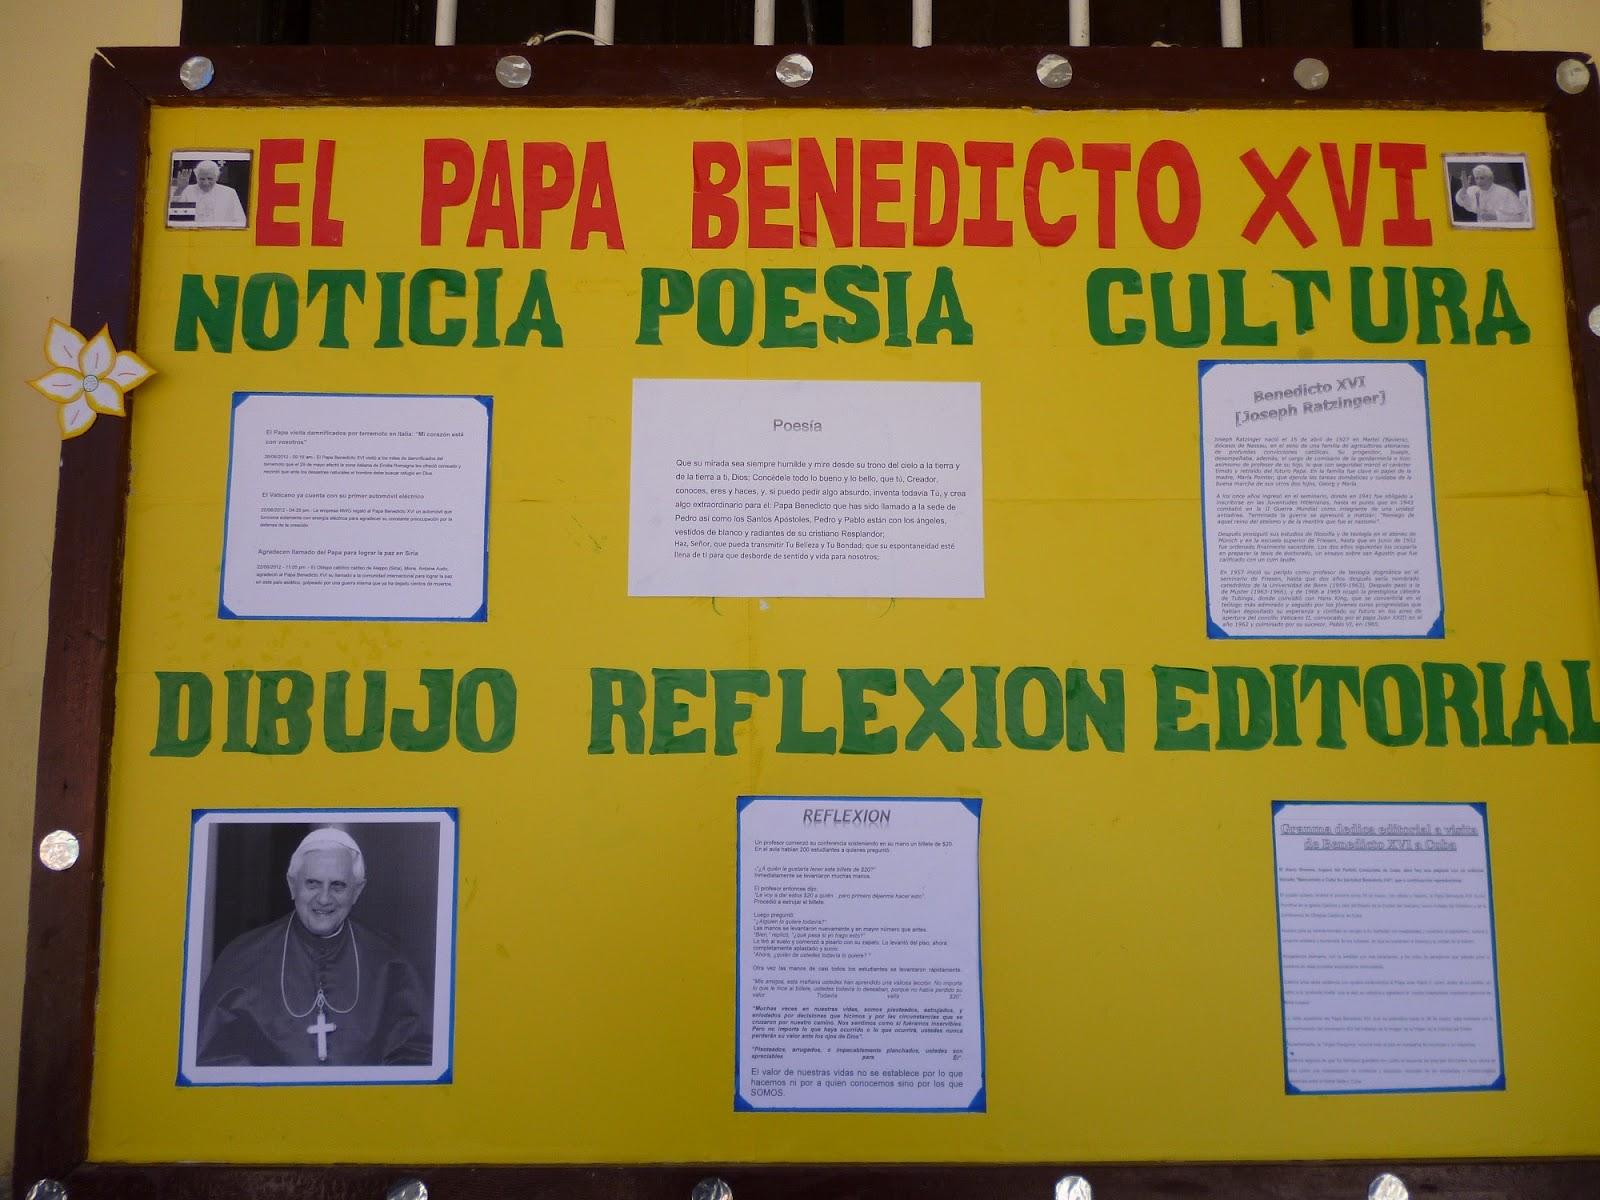 Peri dicos murales en honor al papa benedicto xvi for Cuales son las partes de un periodico mural